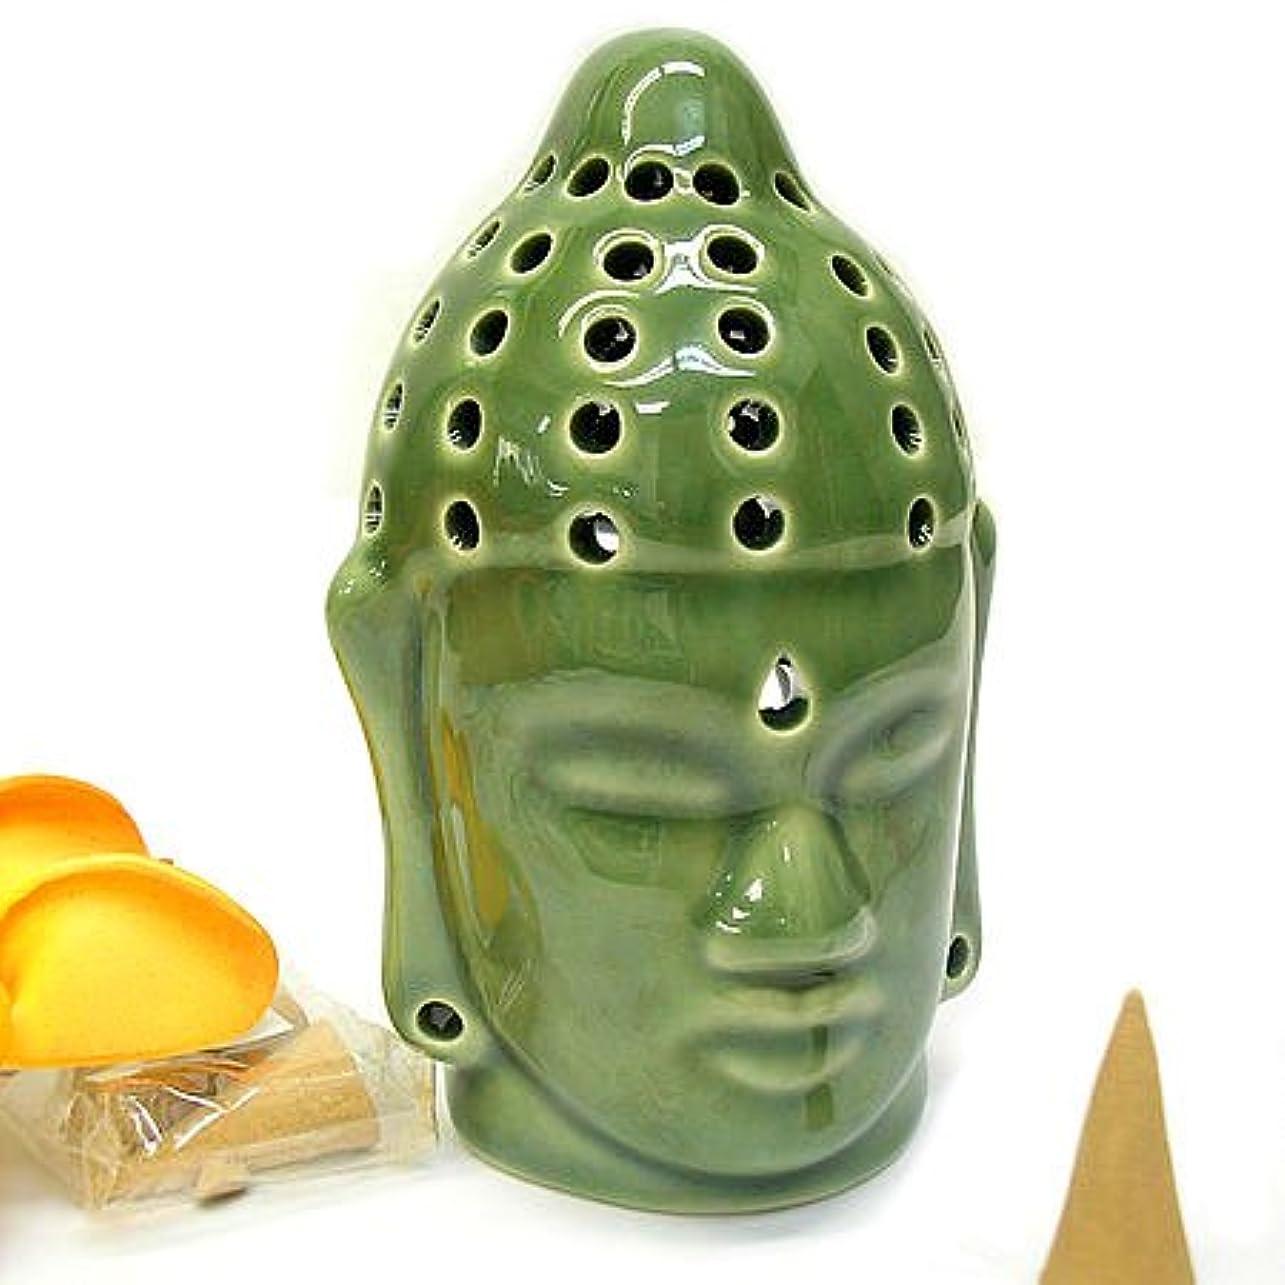 毒マーケティングオーナメント仏陀の お香たて 香炉 コーン用 緑 インセンスホルダー コーン用 お香立て お香たて アジアン雑貨 バリ雑貨